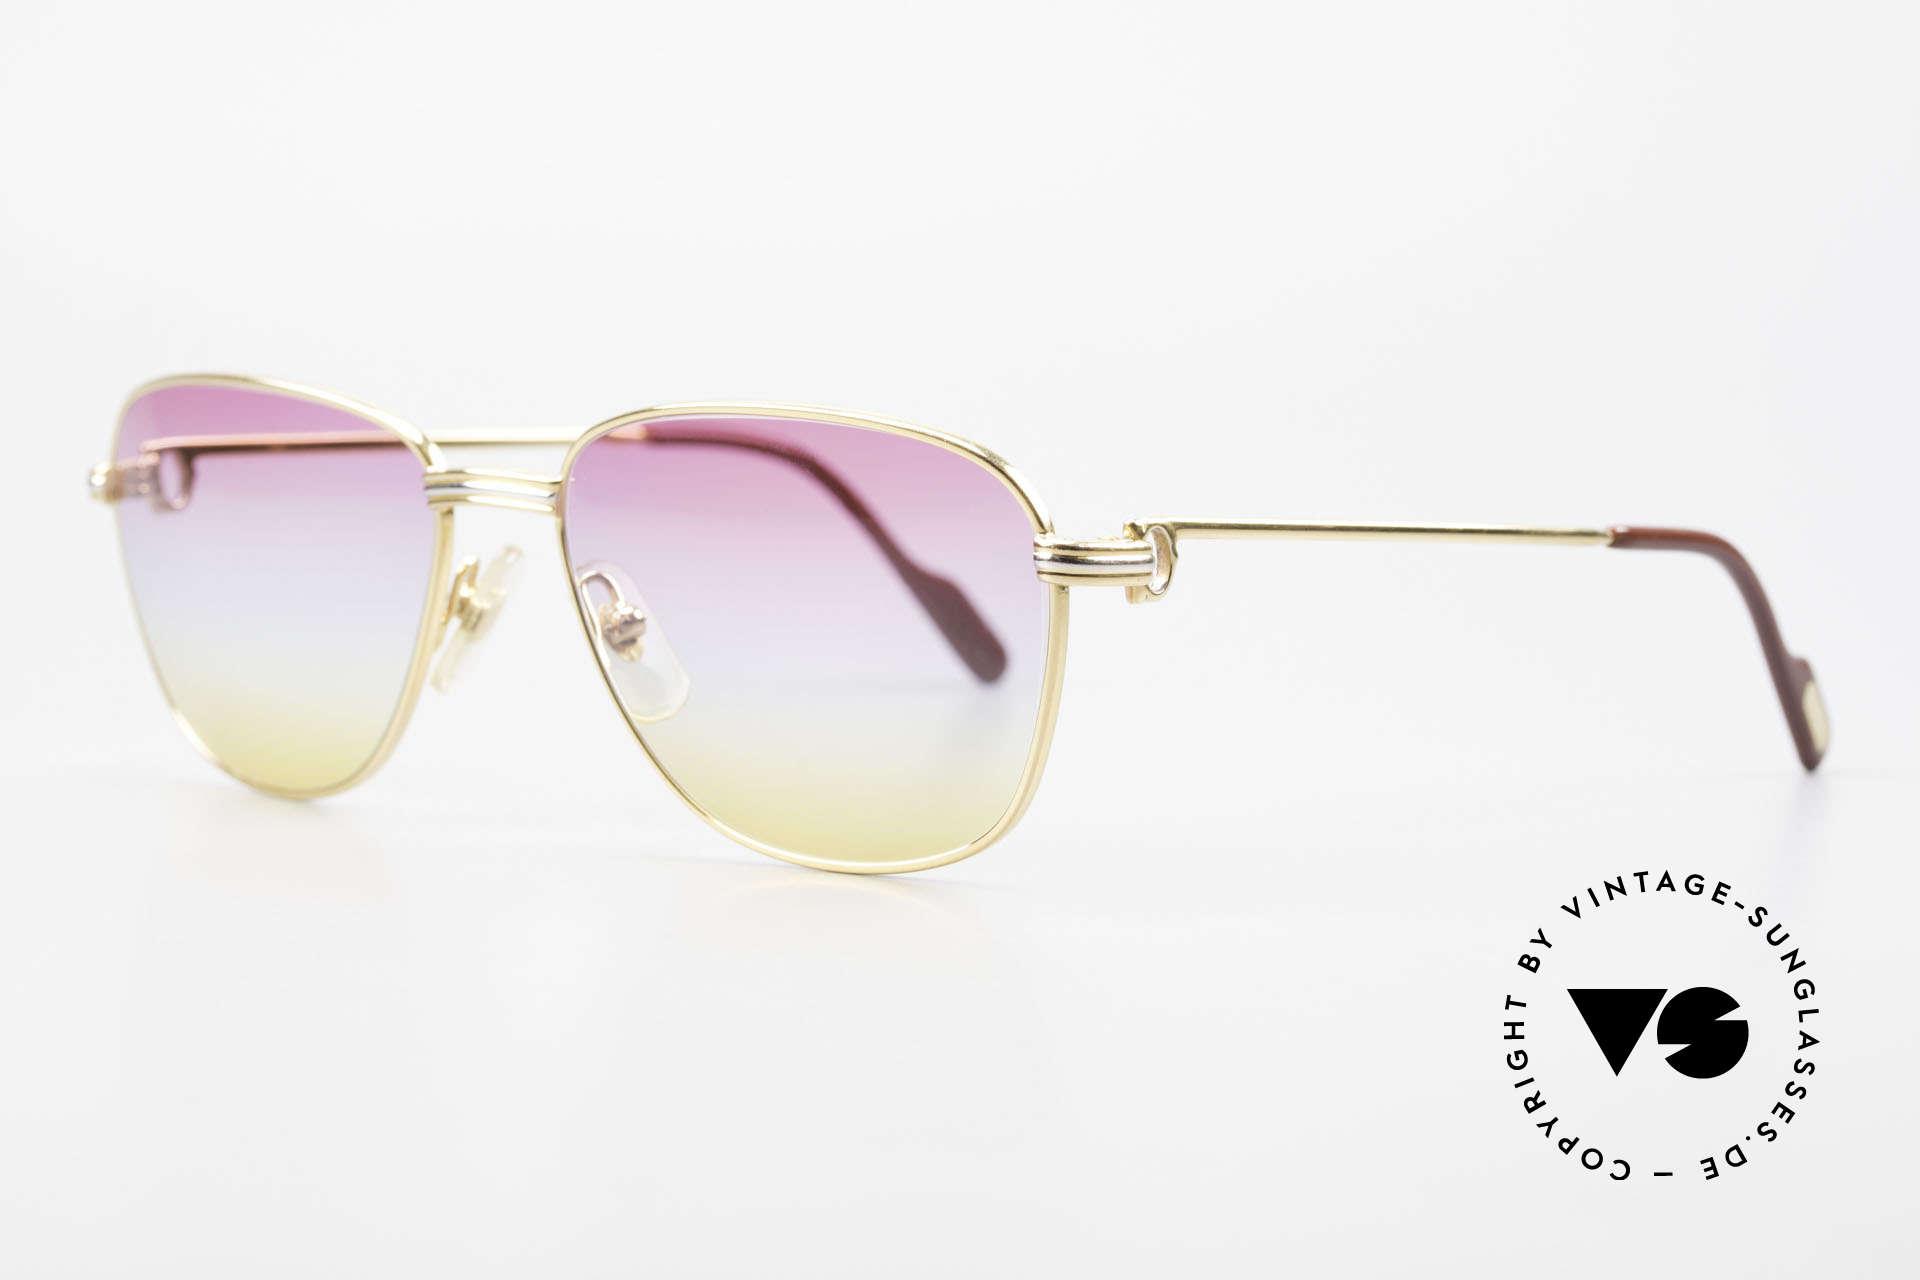 Cartier Courcelles 90er Luxus Sonnenbrille Unikat, TOP-Qualität; made in France (hoher Tragekomfort), Passend für Herren und Damen